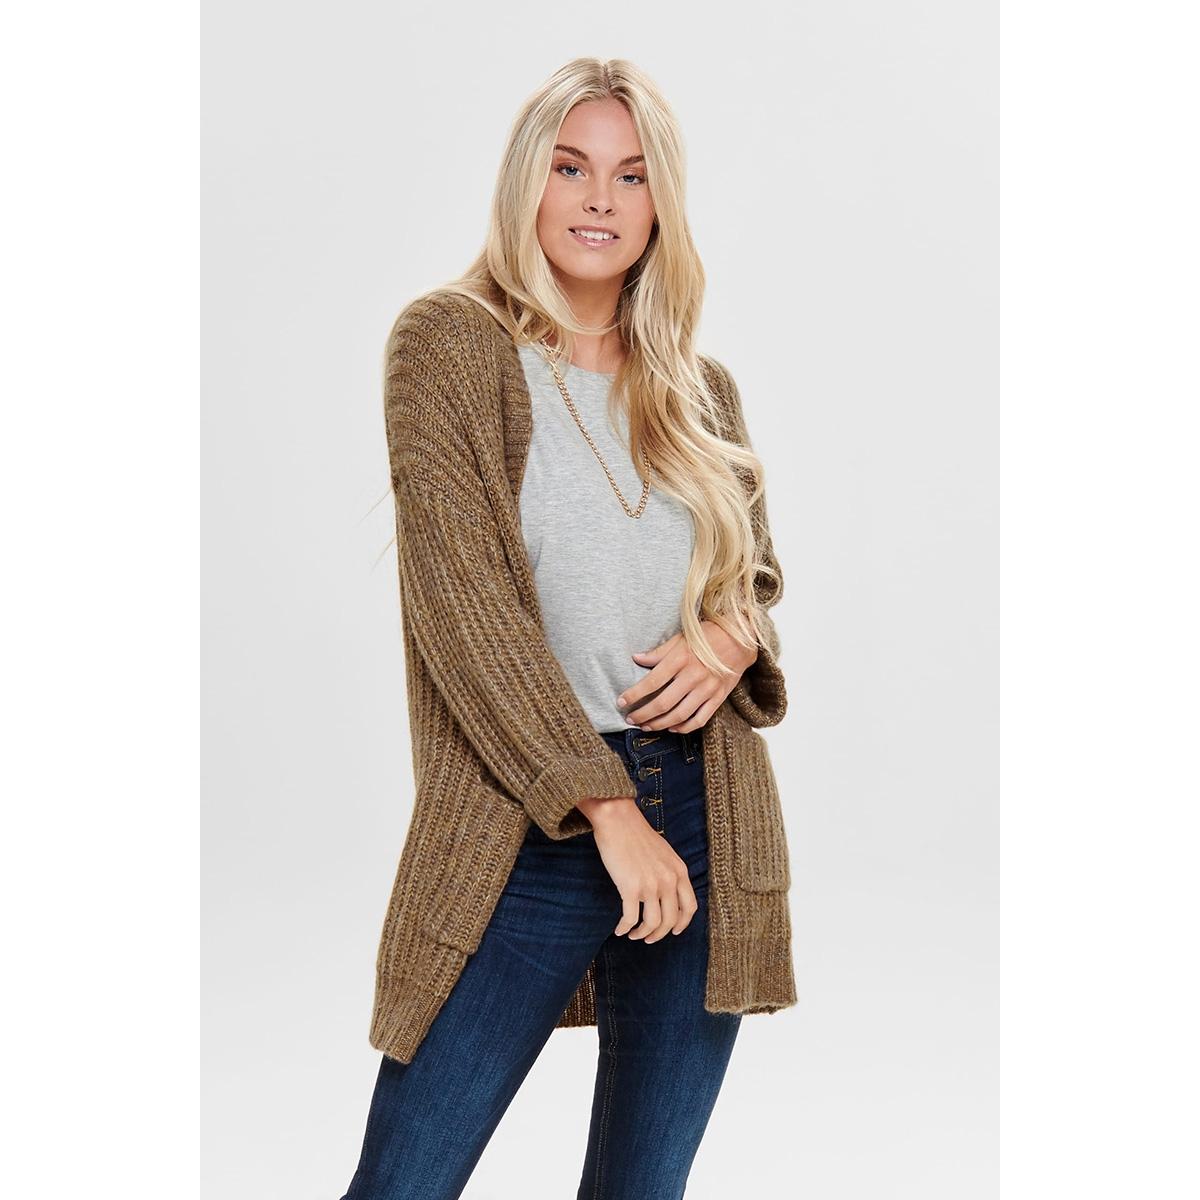 onlchunky 7/8 cardigan knt 15183928 only vest camel/w. multi me